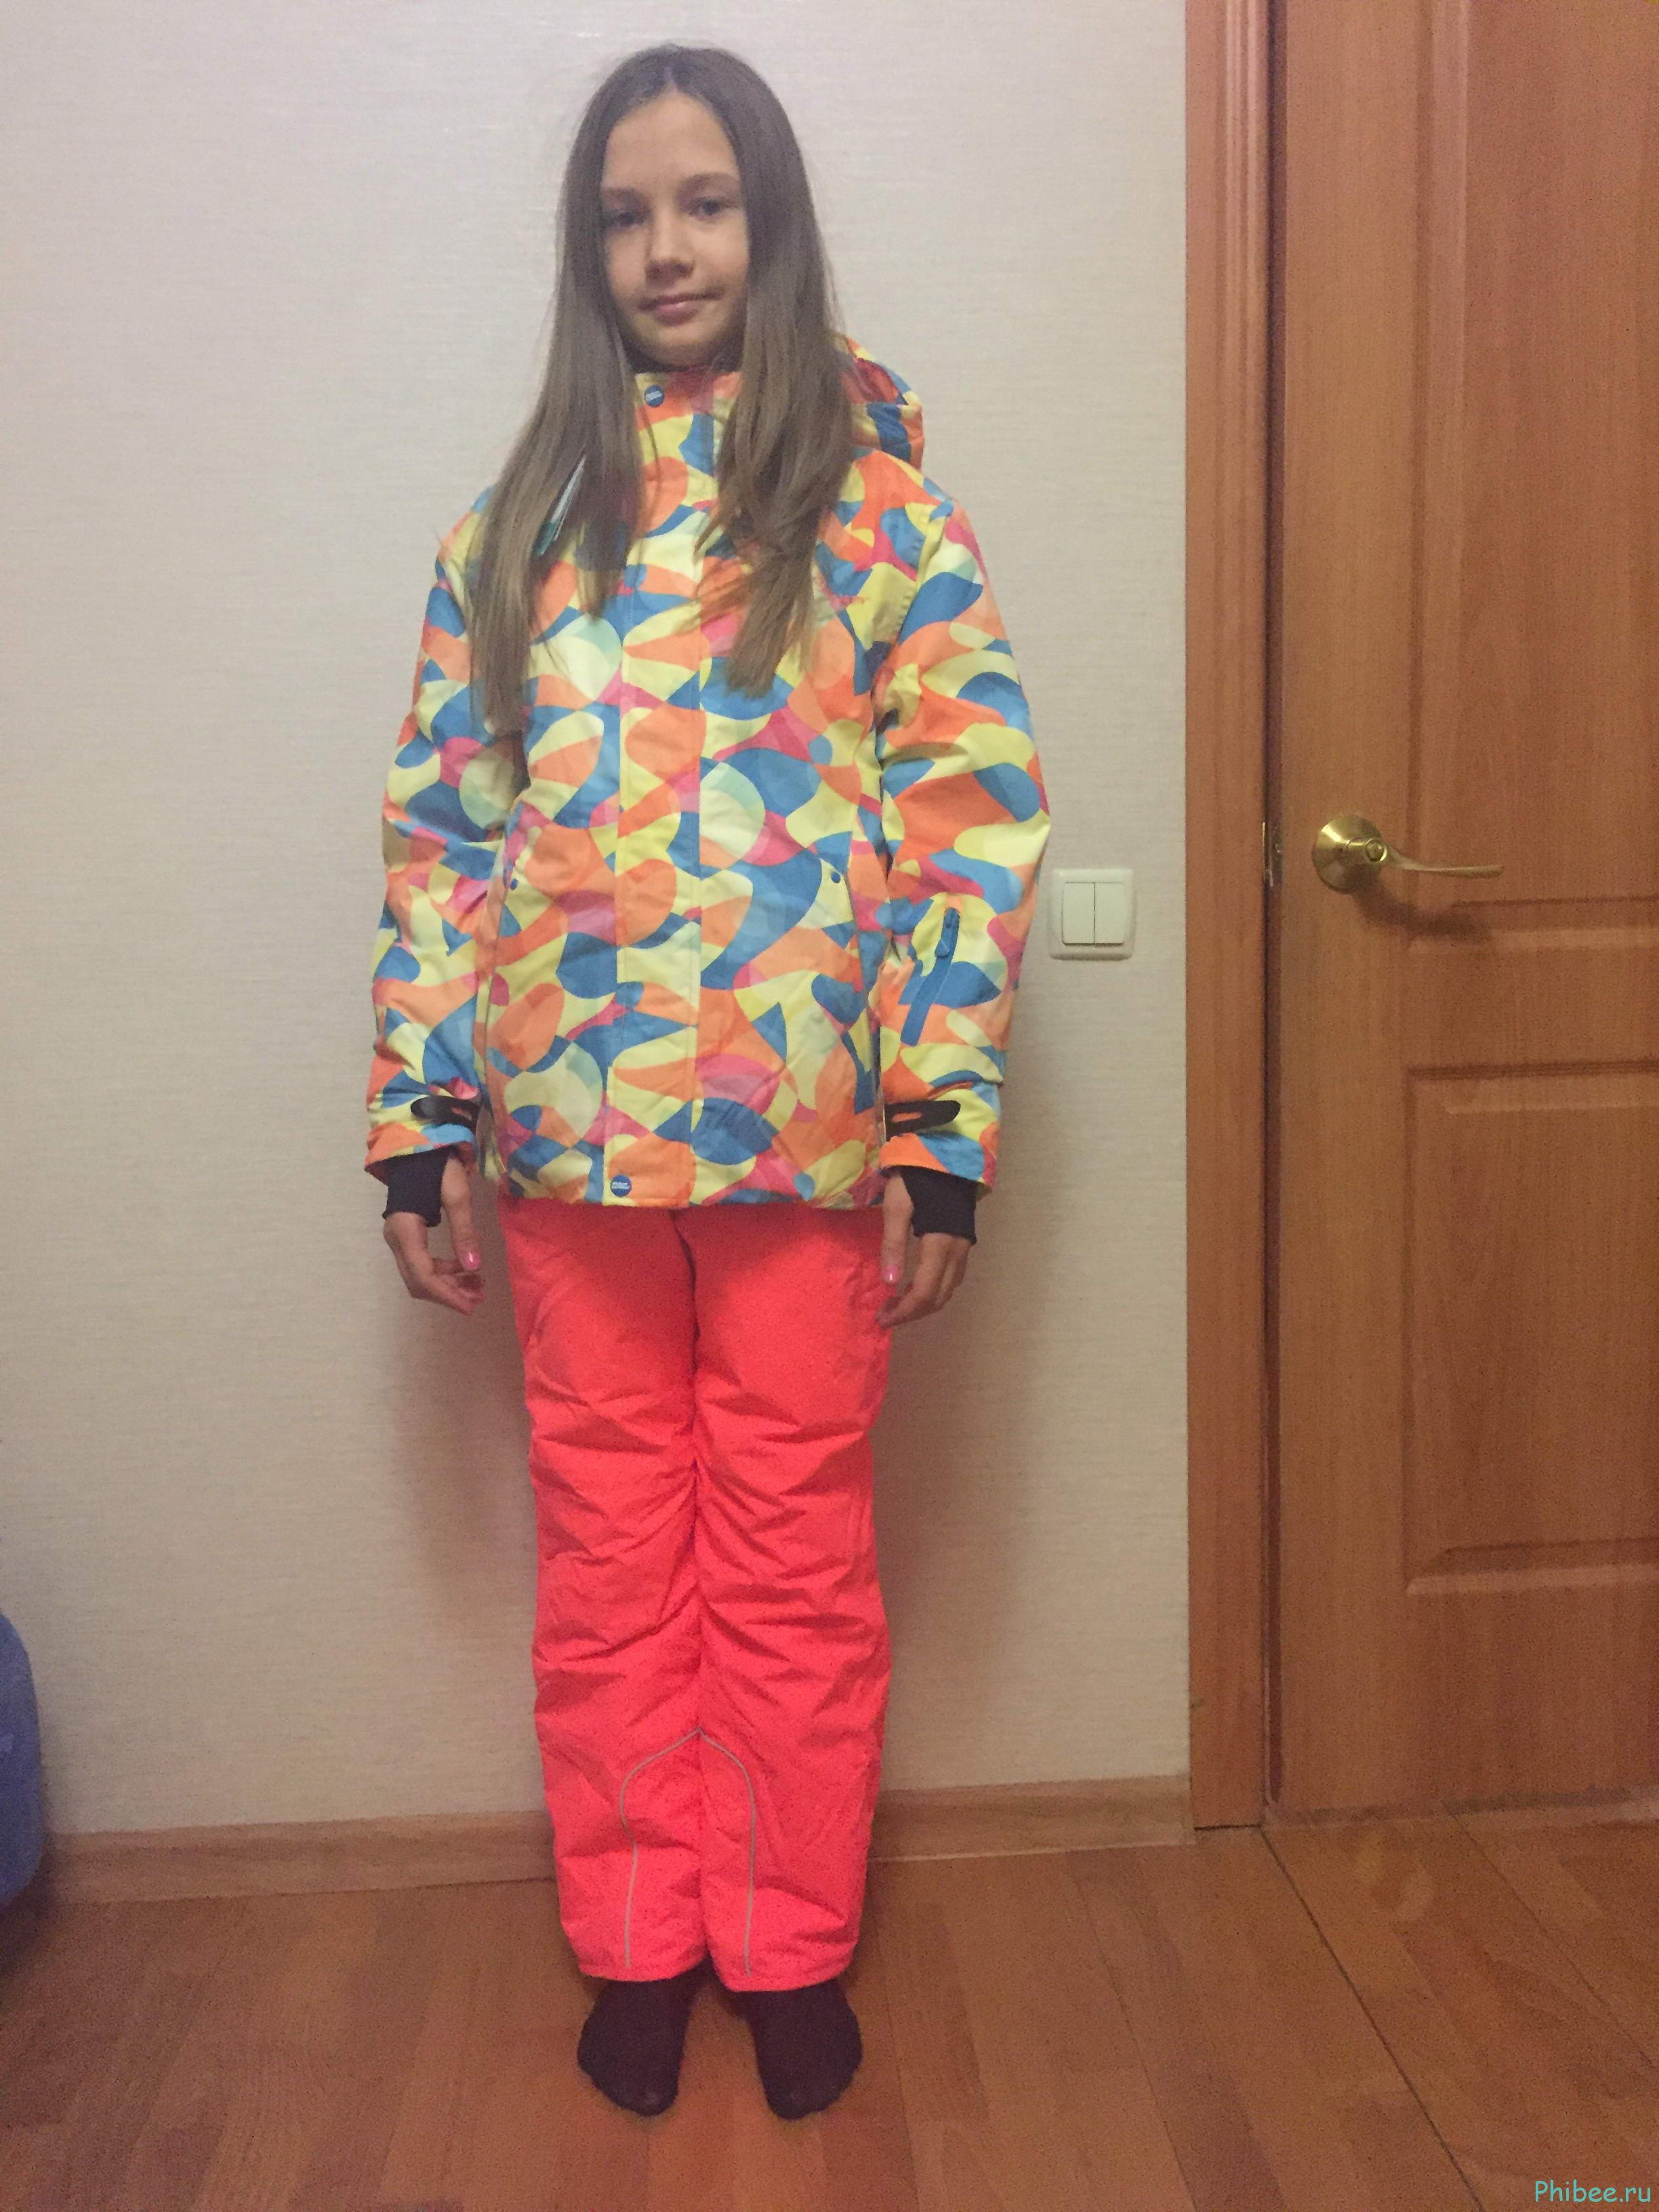 Отзыв на детский горнолыжный костюм Phibee 81603